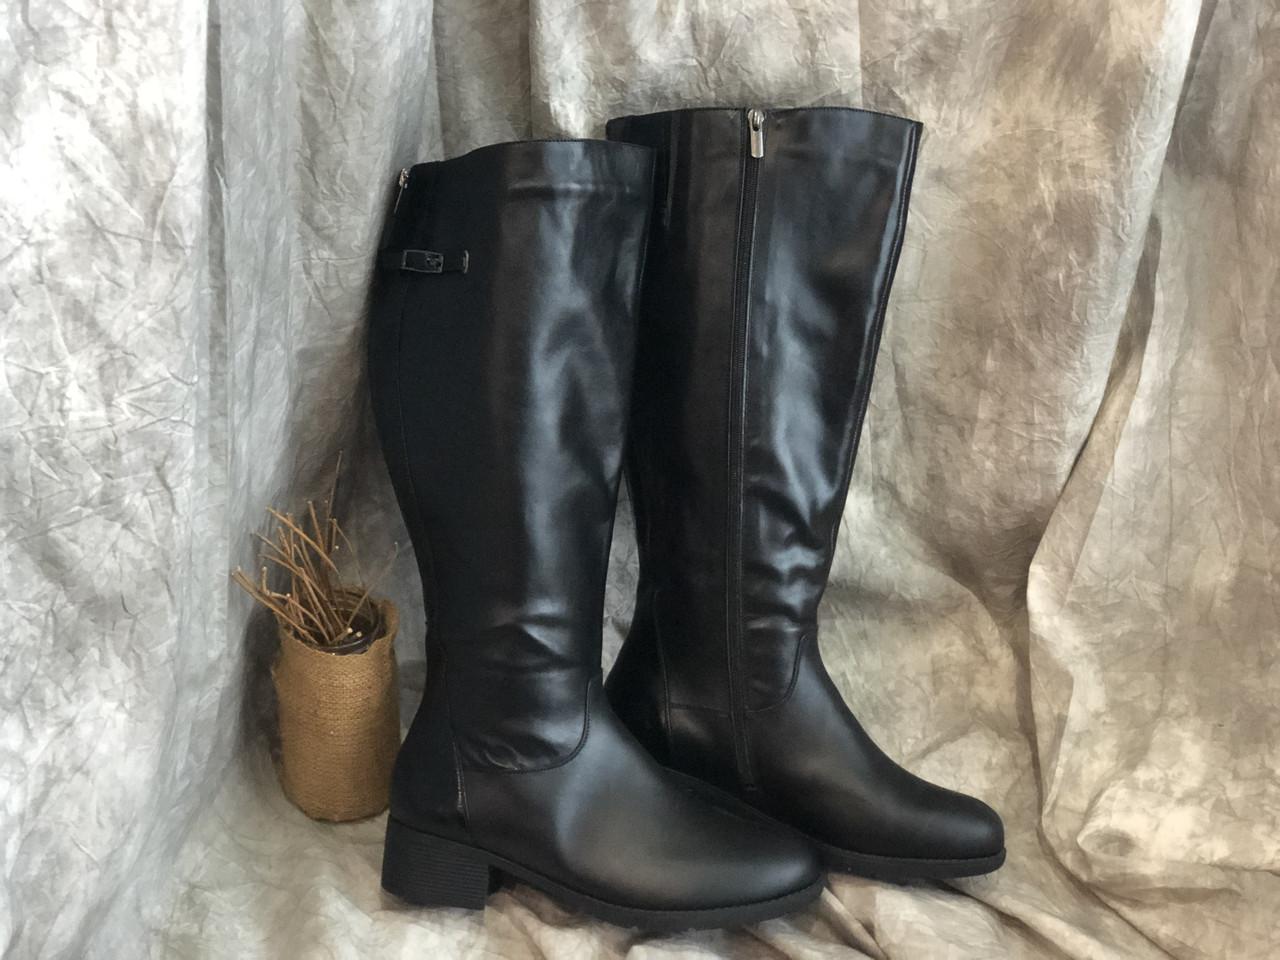 Шкіряні Жіночі чоботи на маленькому підборах Наталі 395 год/до розмір 43